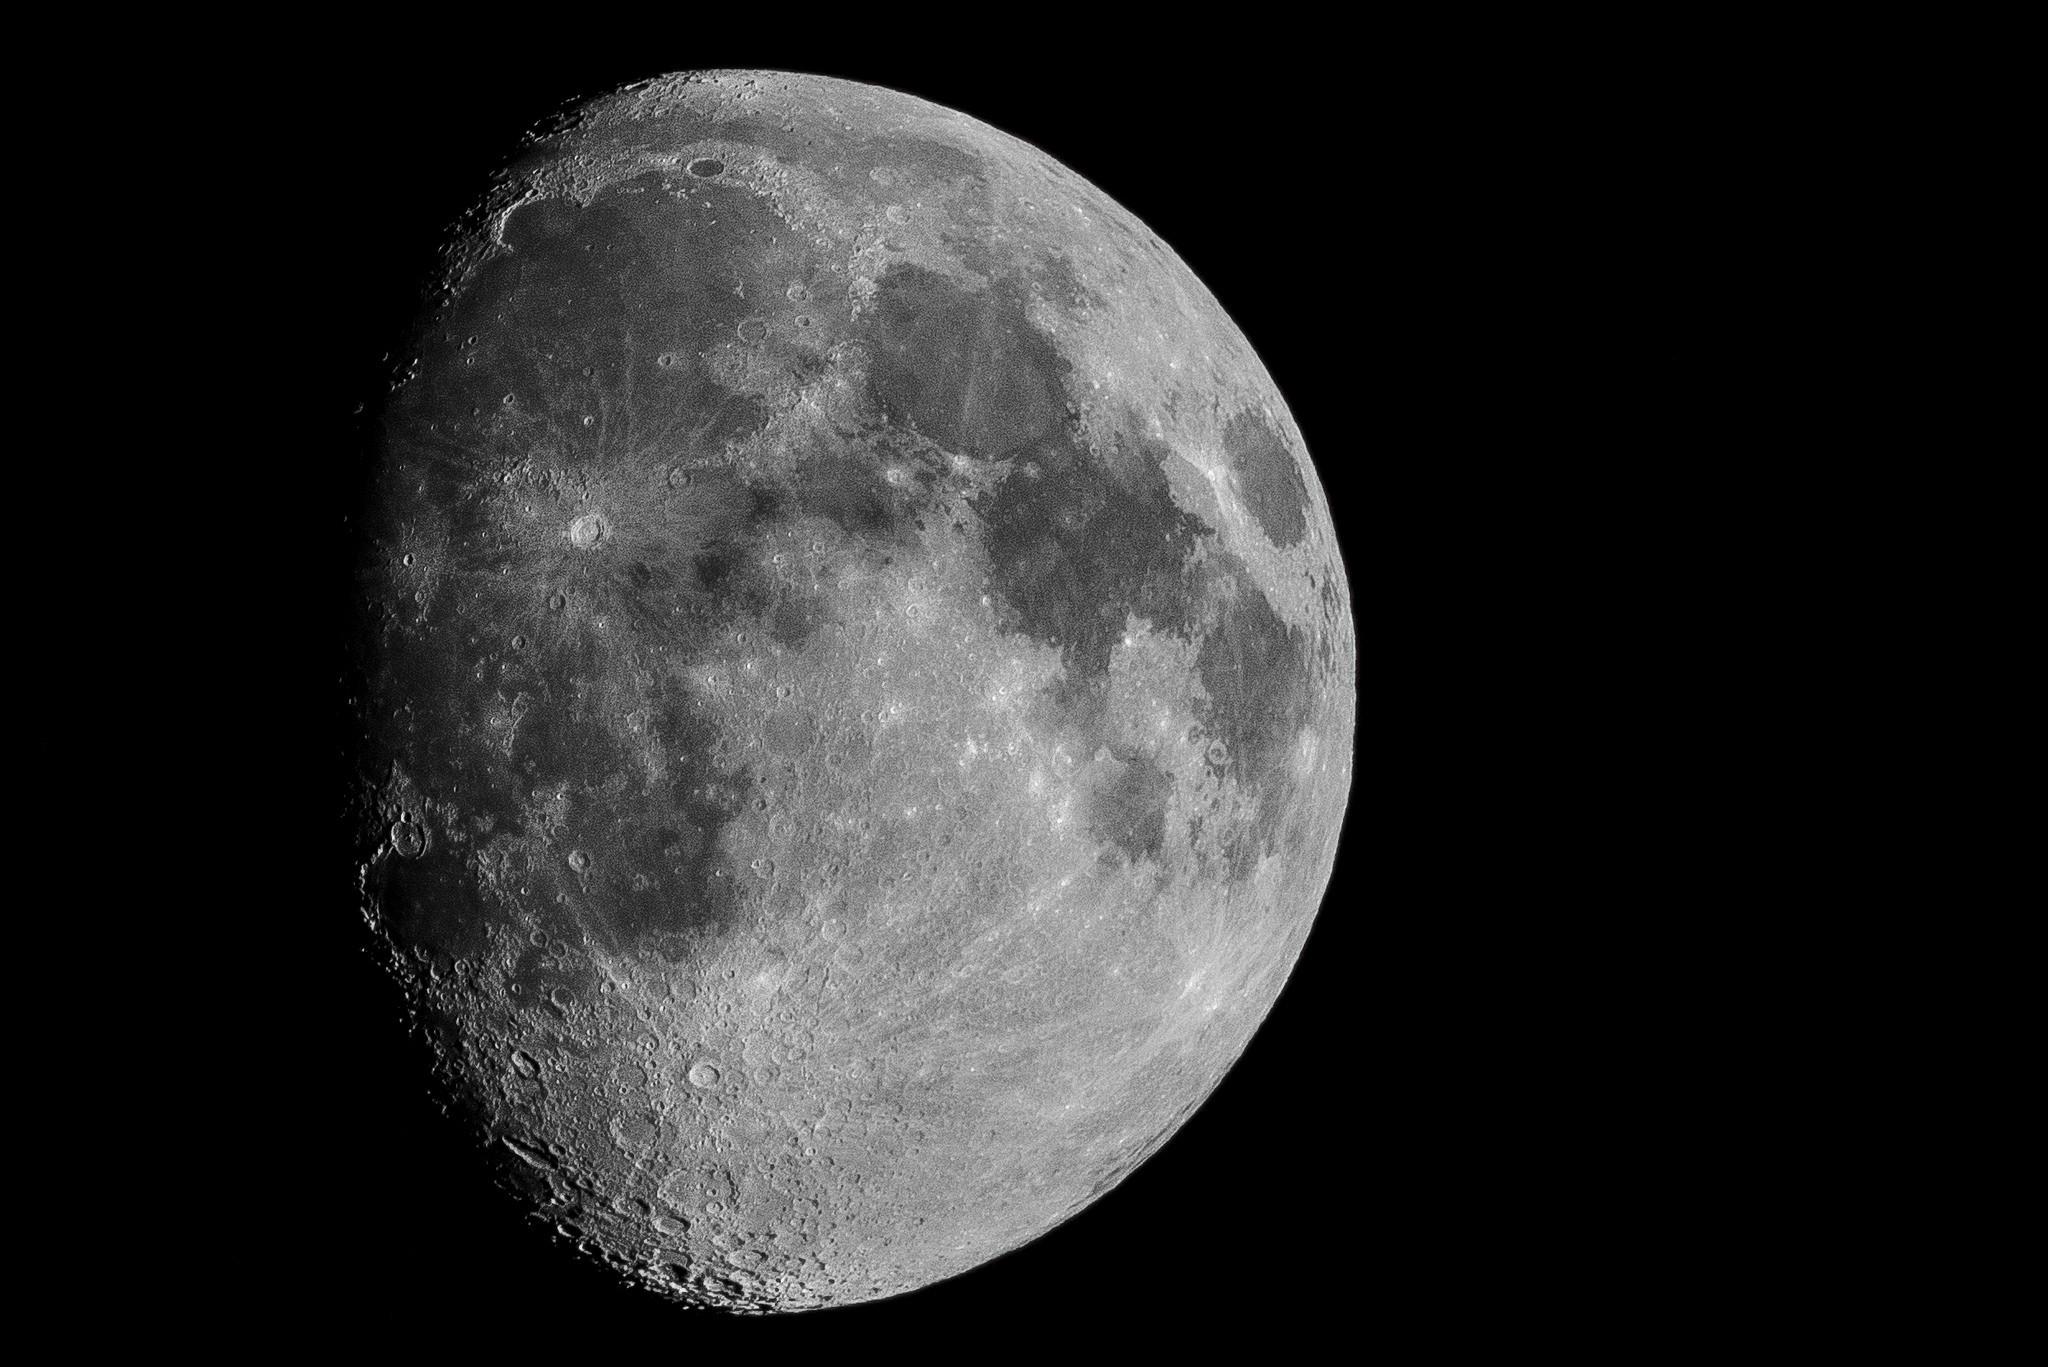 是[攝影小教室] 來拍月亮吧!只要掌握七個要點,你也能輕鬆拍出清楚漂亮的月亮!這篇文章的首圖